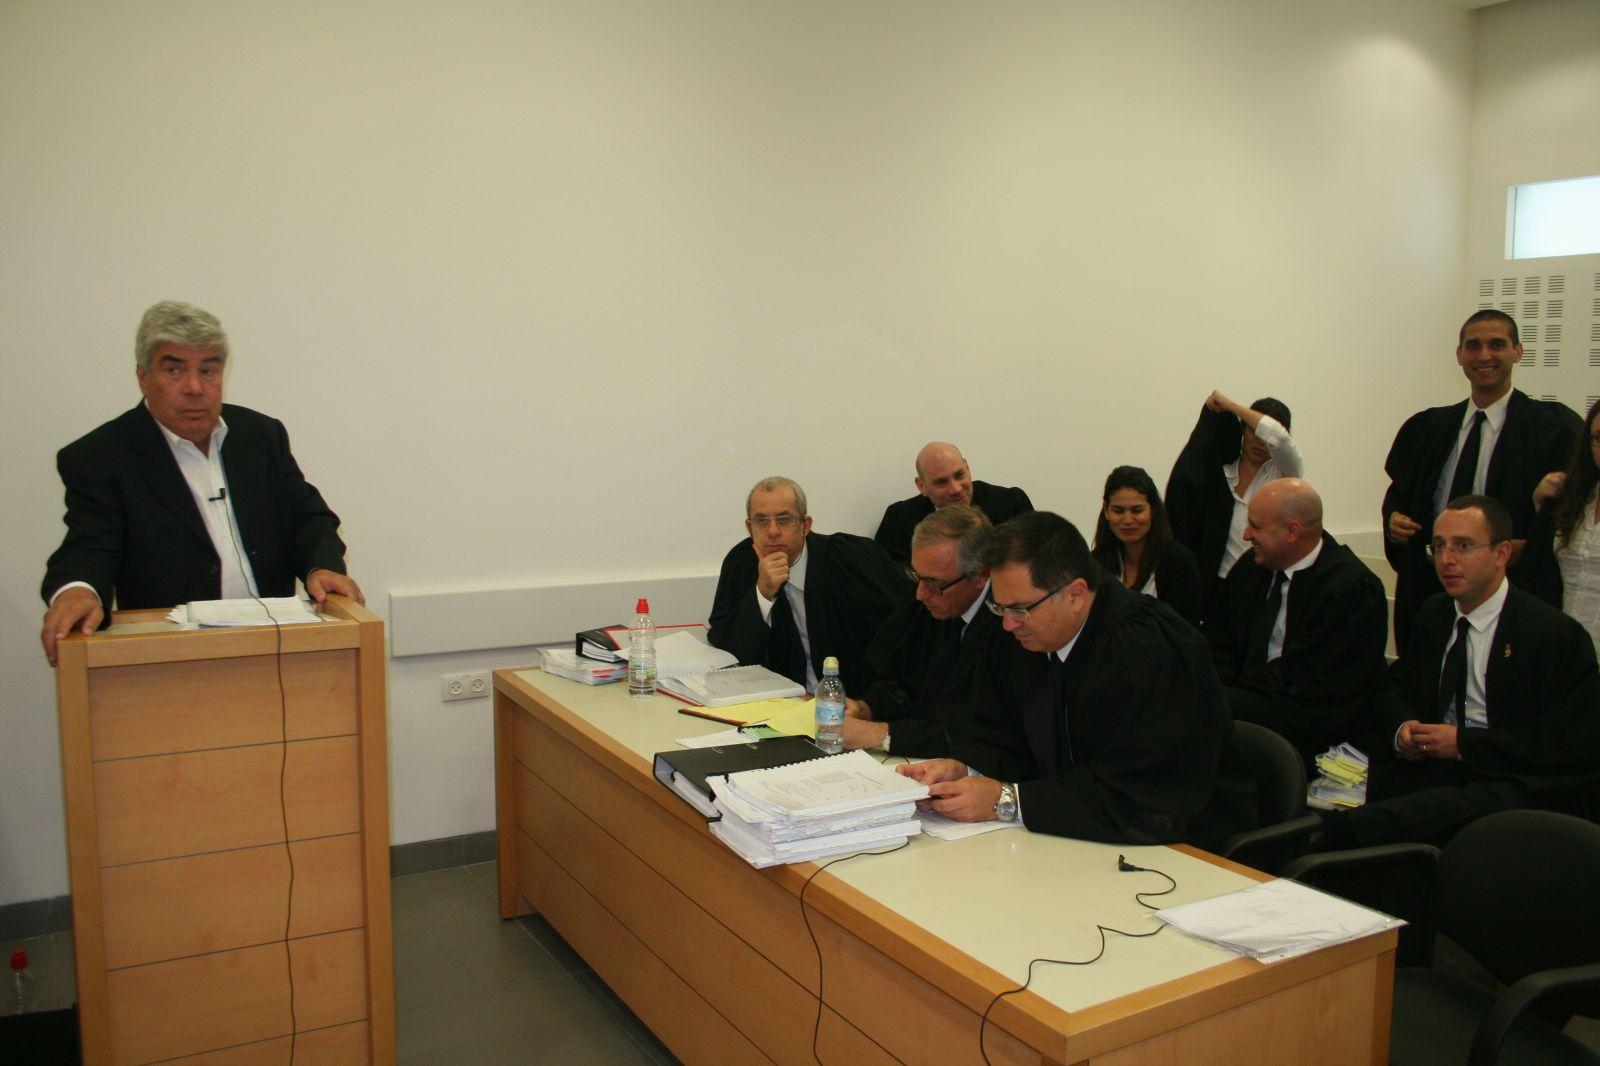 """עמי אראל, בית המשפט המחוזי מרכז, 23.10.13 (צילום: """"העין השביעית"""")"""